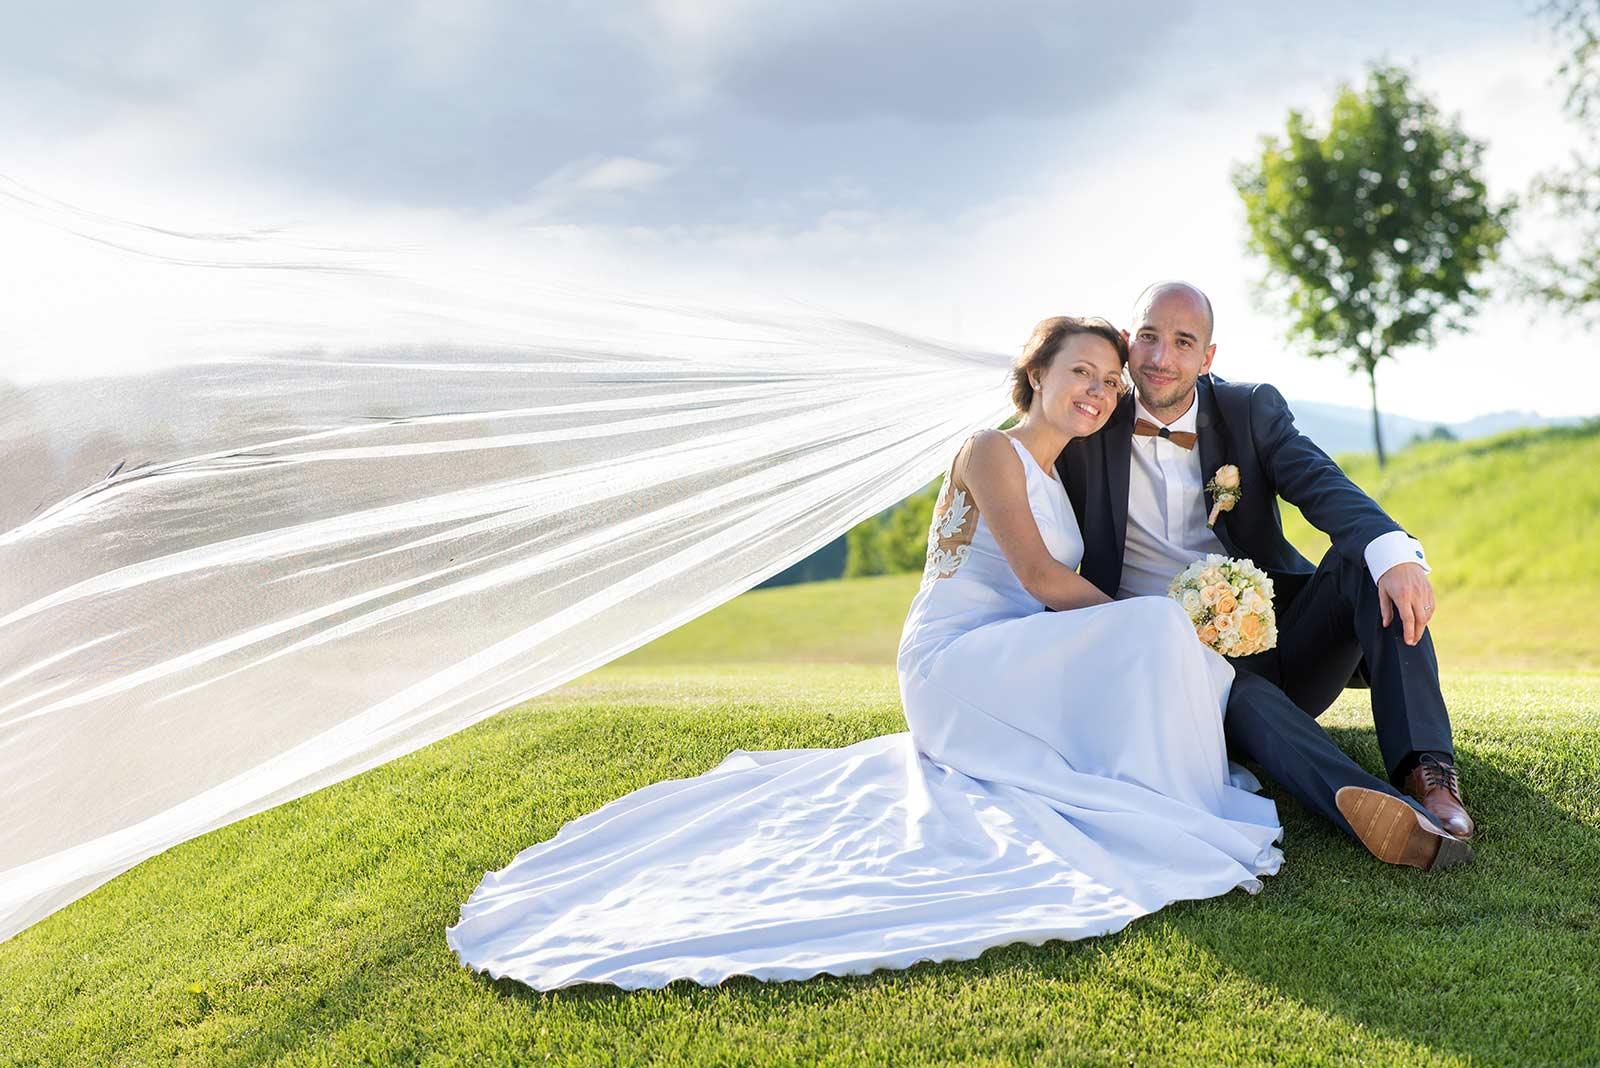 32 svatebni portret golfove hriste svachova lhotka svatebni fotograf ales motejl jihocesky kraj